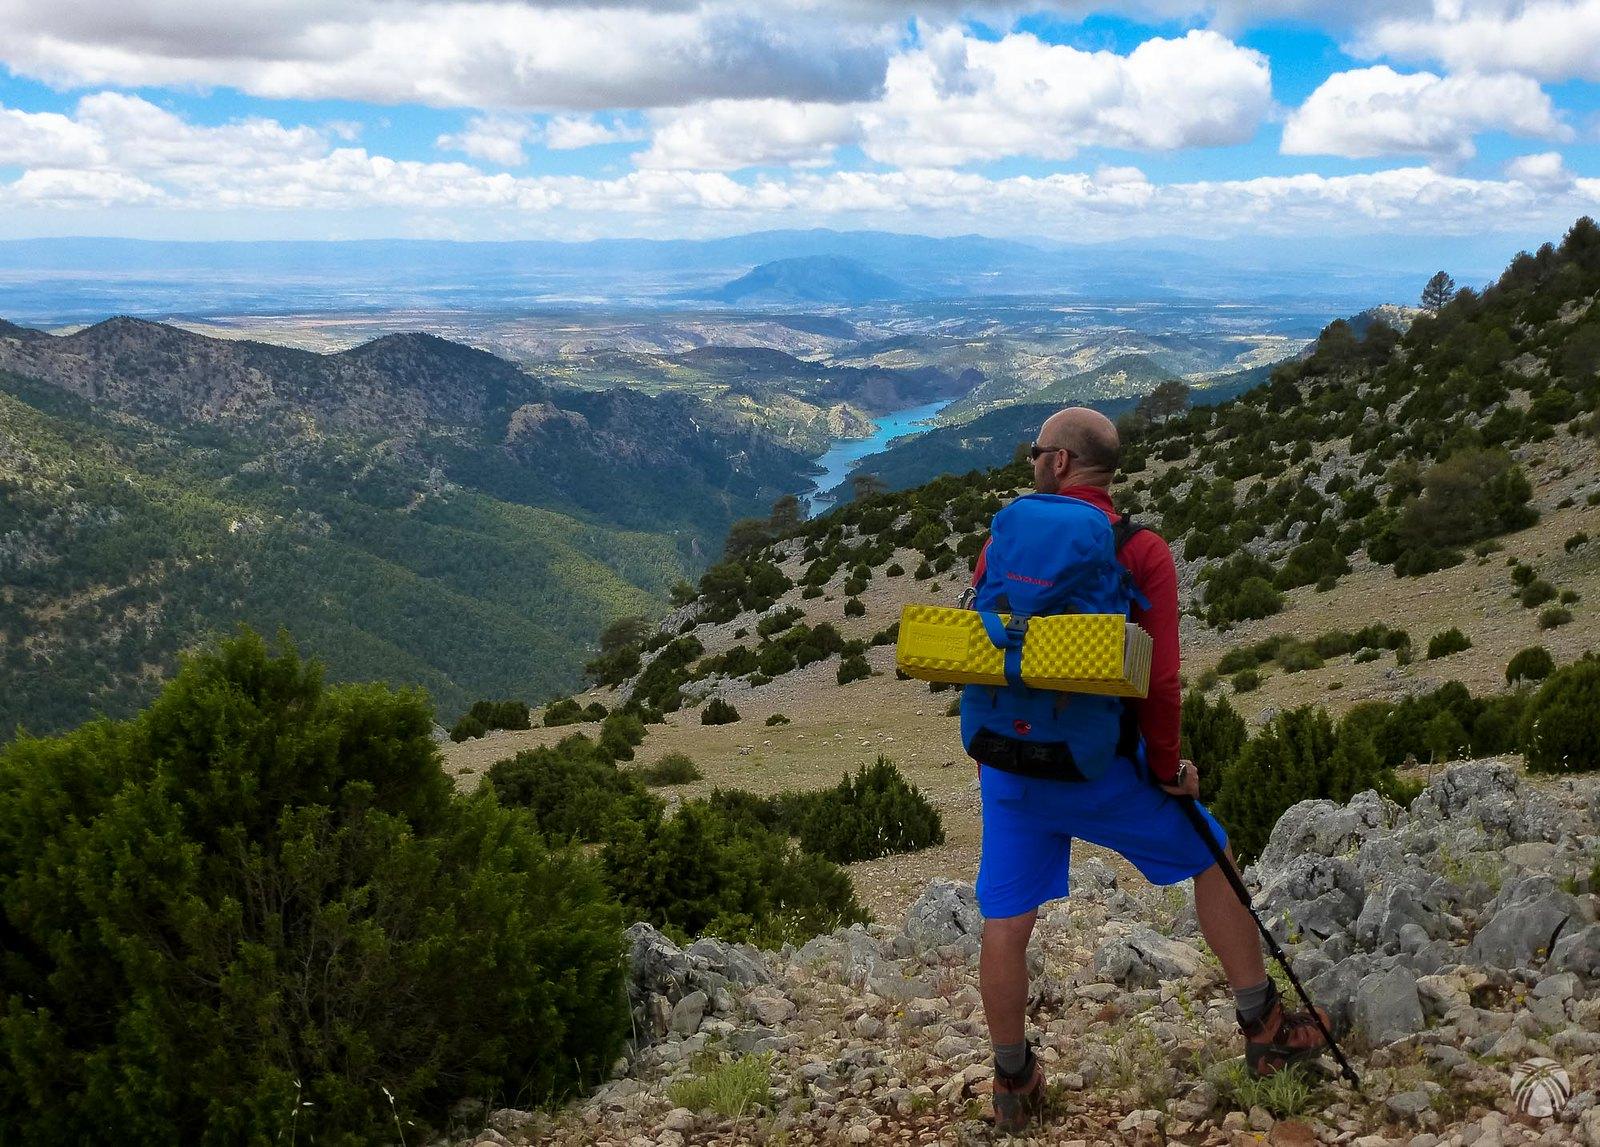 Omnipresente al sur el embalse del Portillo, Jabalcón, Baza y sierra Nevada